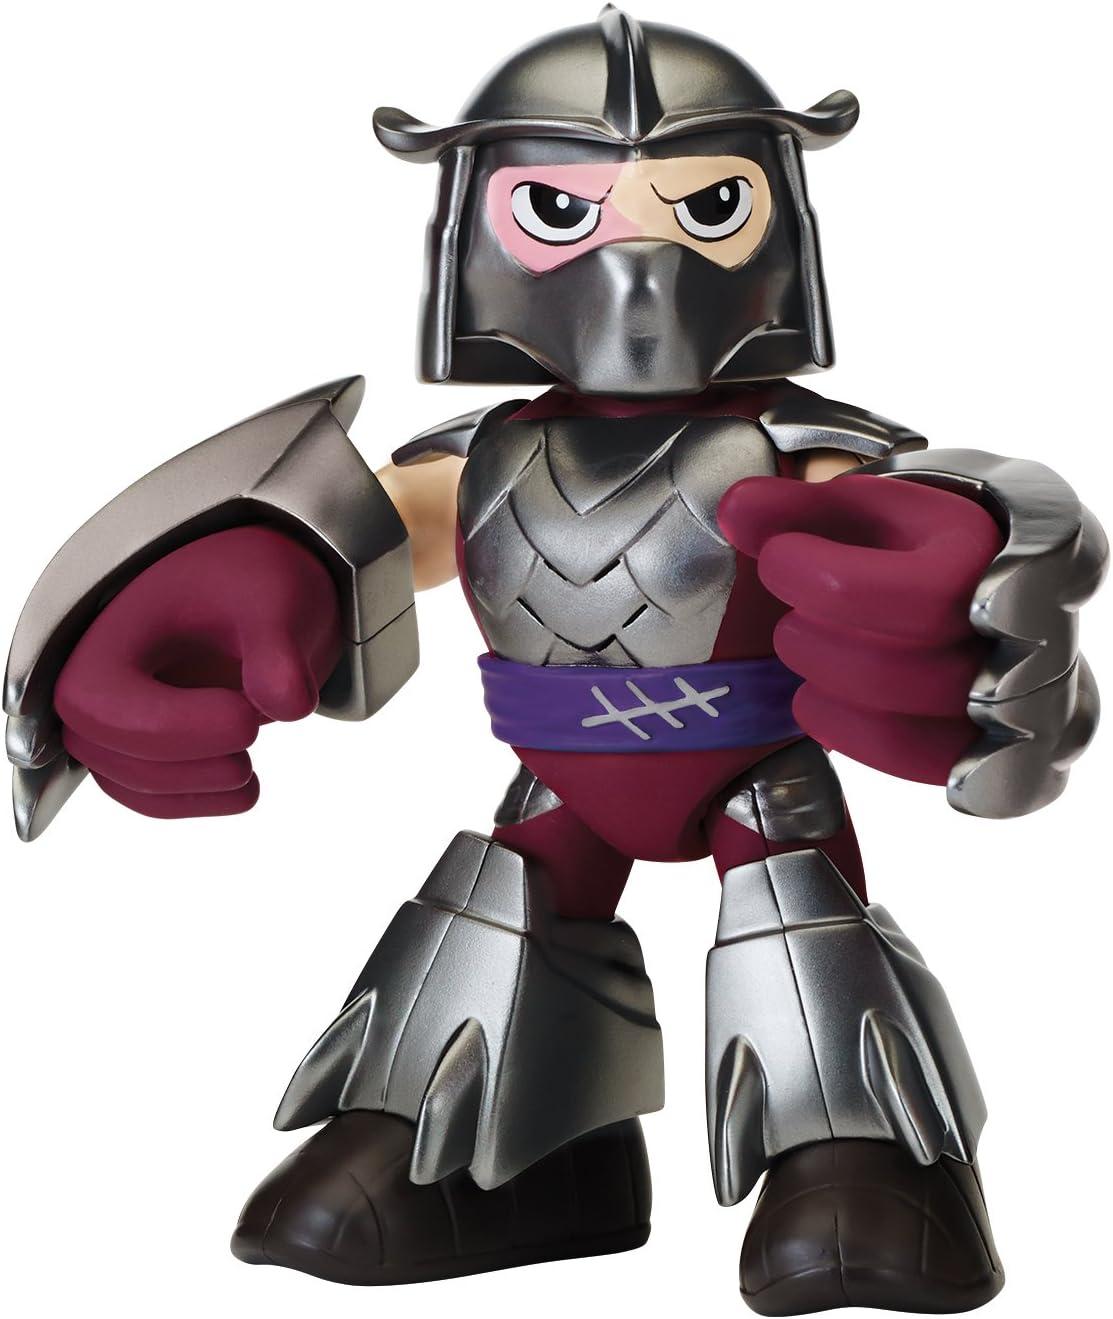 Teenage Mutant Ninja Turtles Pre-Cool Half Shell Heroes 6 Inch Shredder Talking Turtles Figure